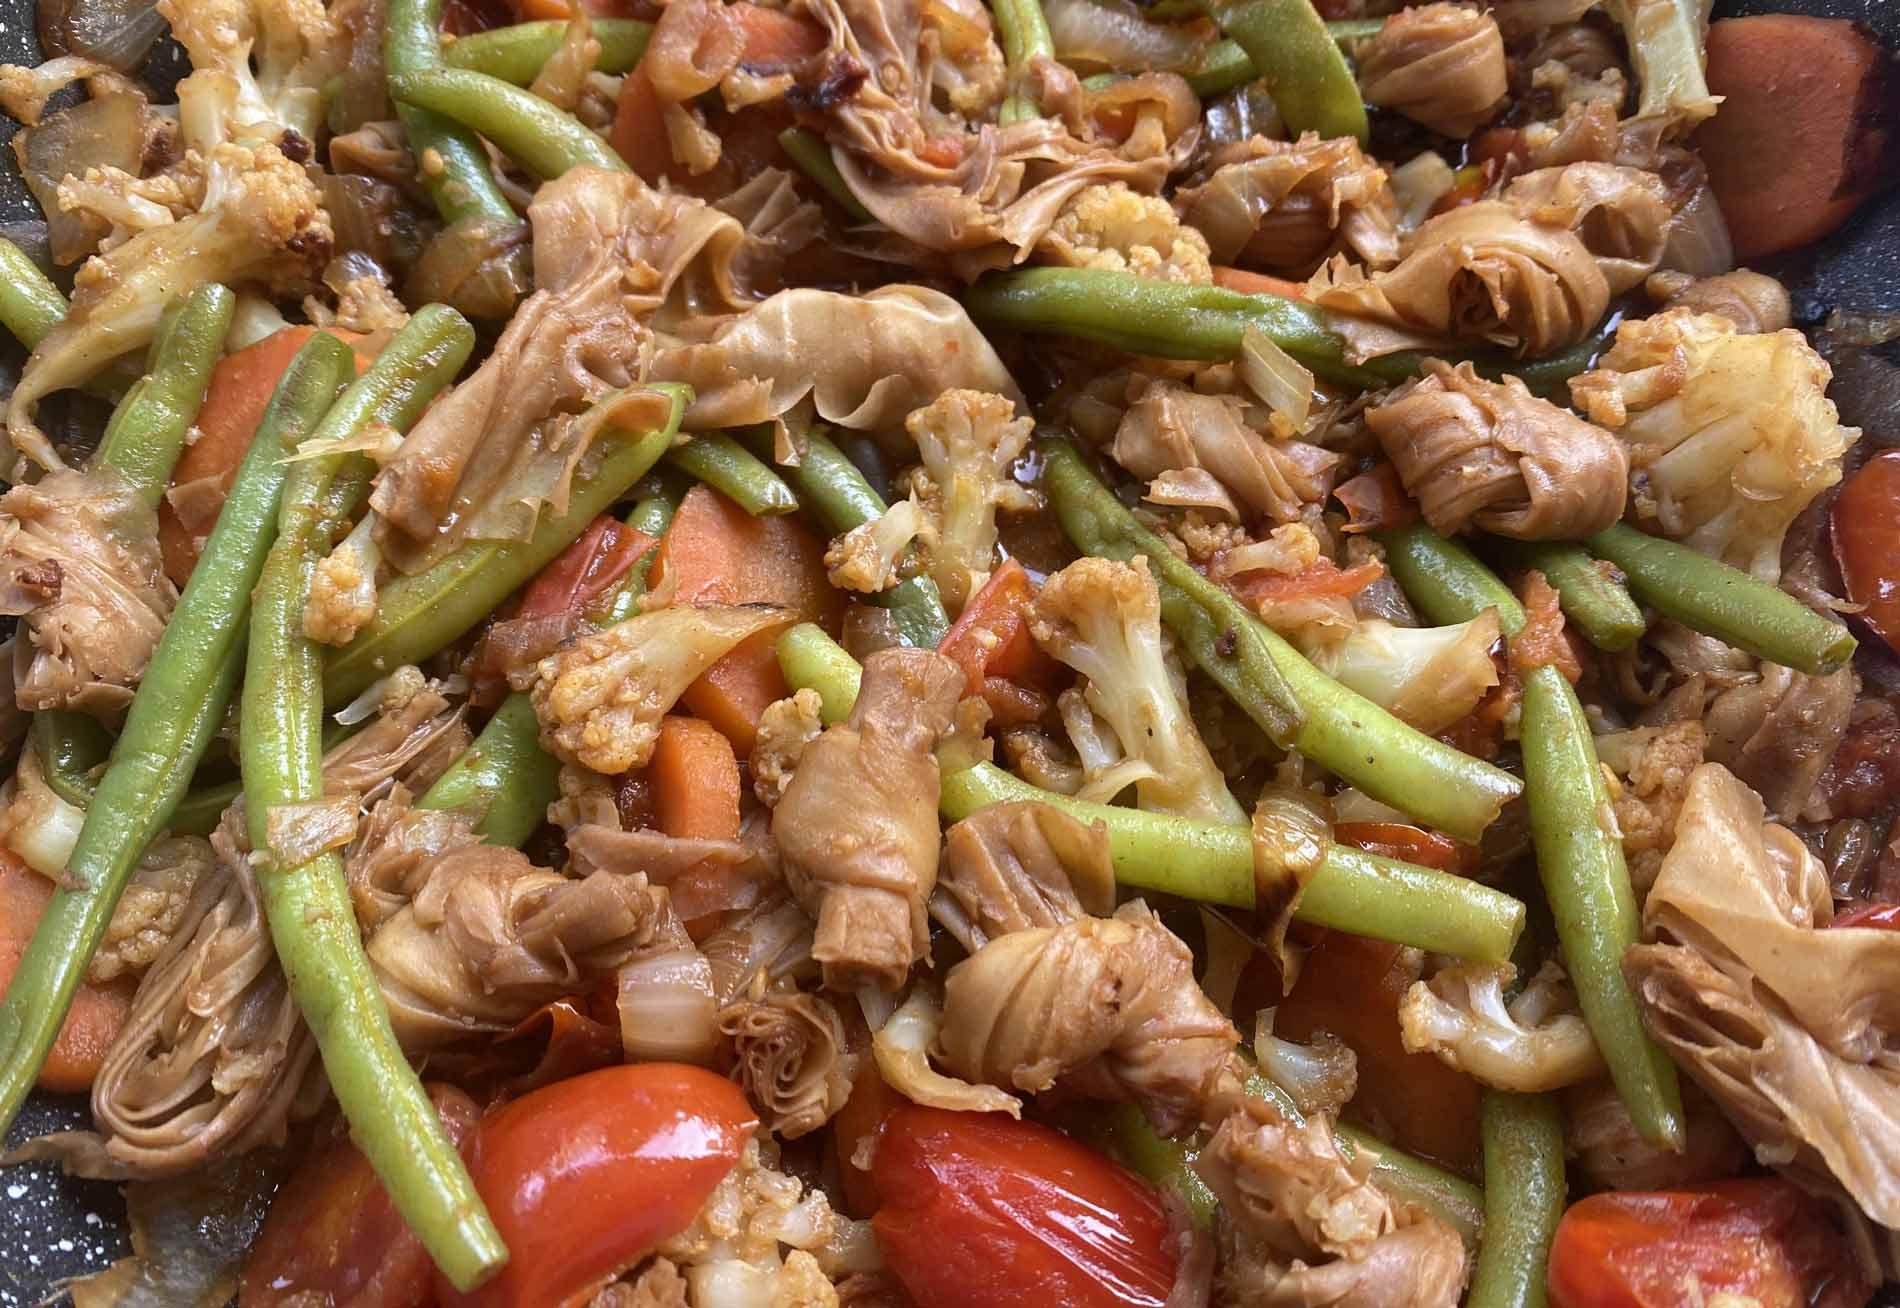 תקריב של ירקות מוקפצים עם פתיתי סויה